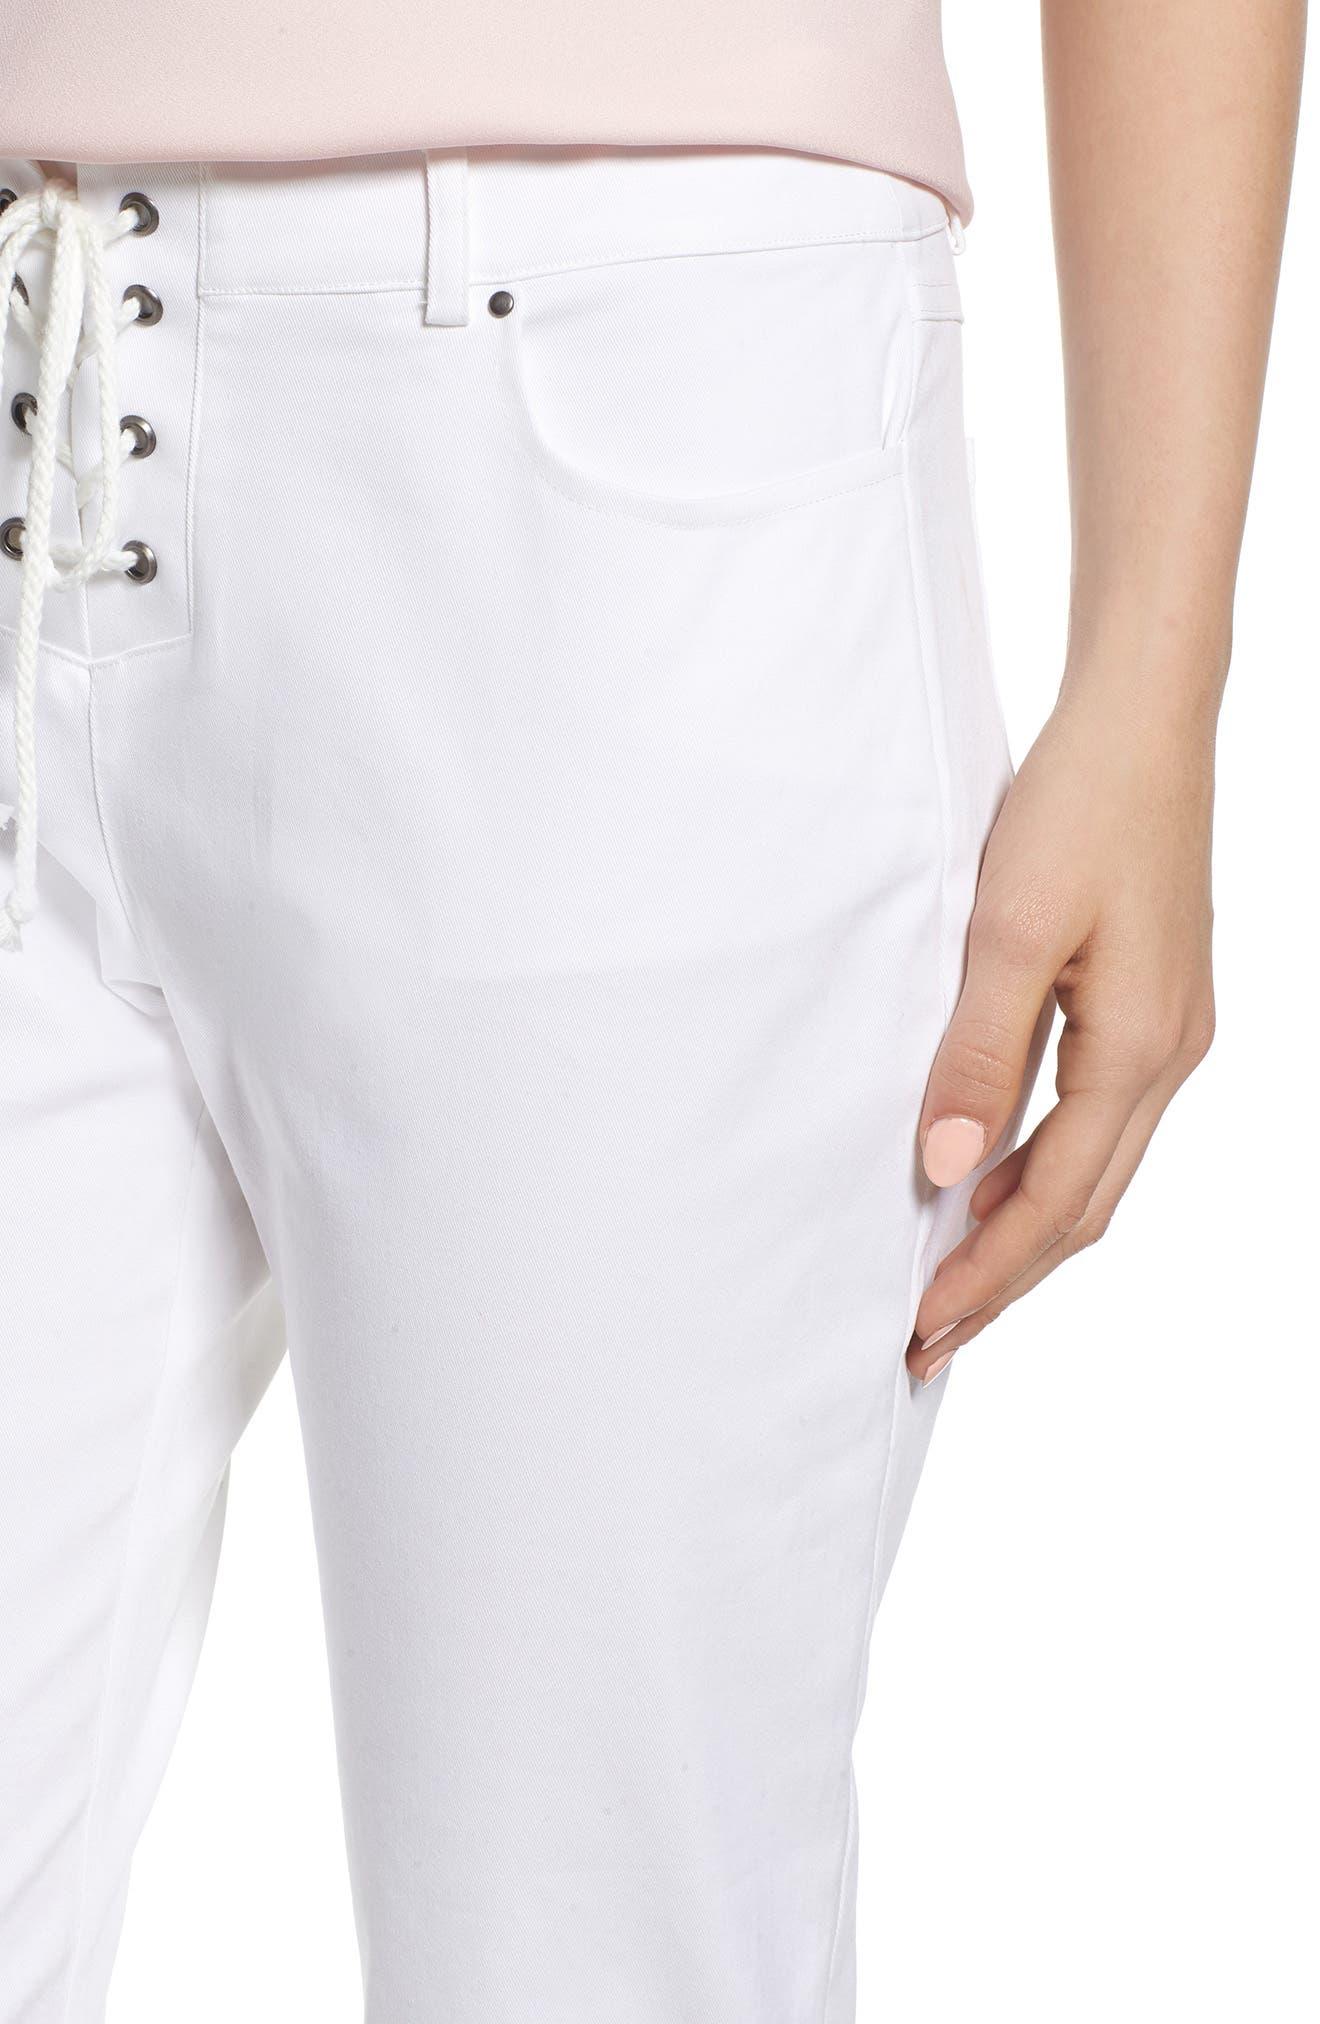 Jalanda Pants,                             Alternate thumbnail 4, color,                             White